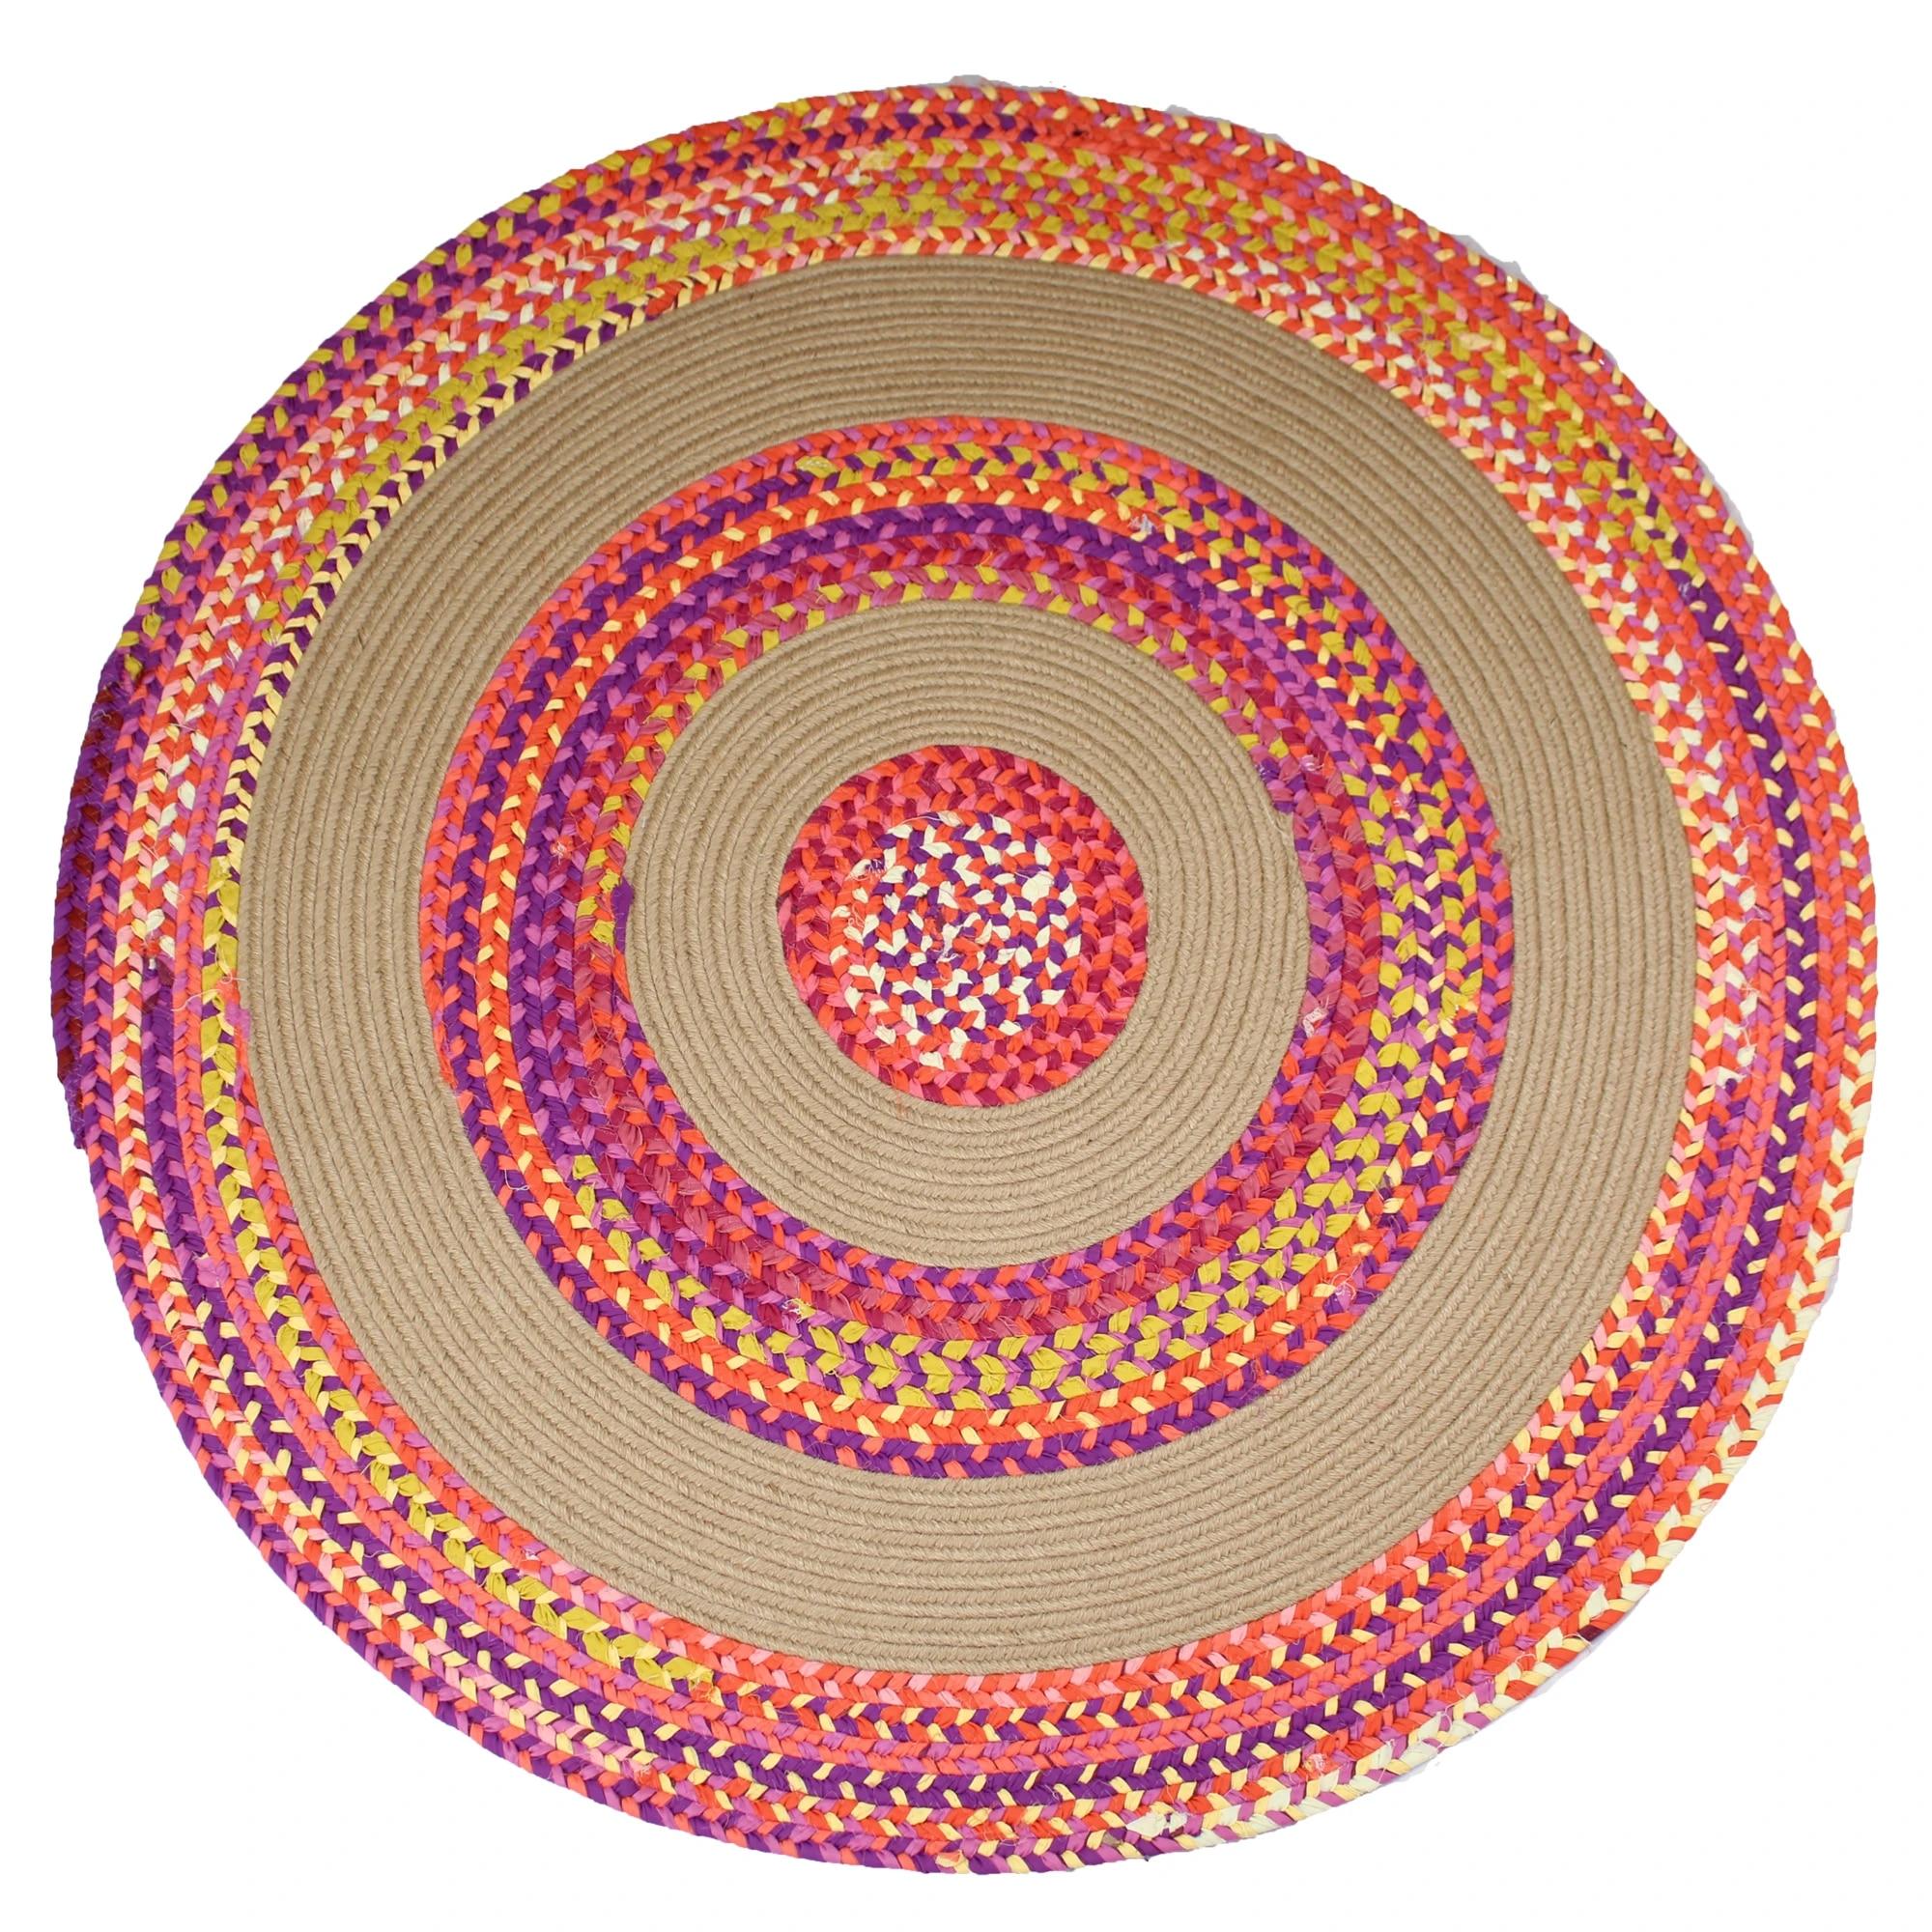 tapis tresse multi chindi en jute et coton rond reversible fait a la main pour salon